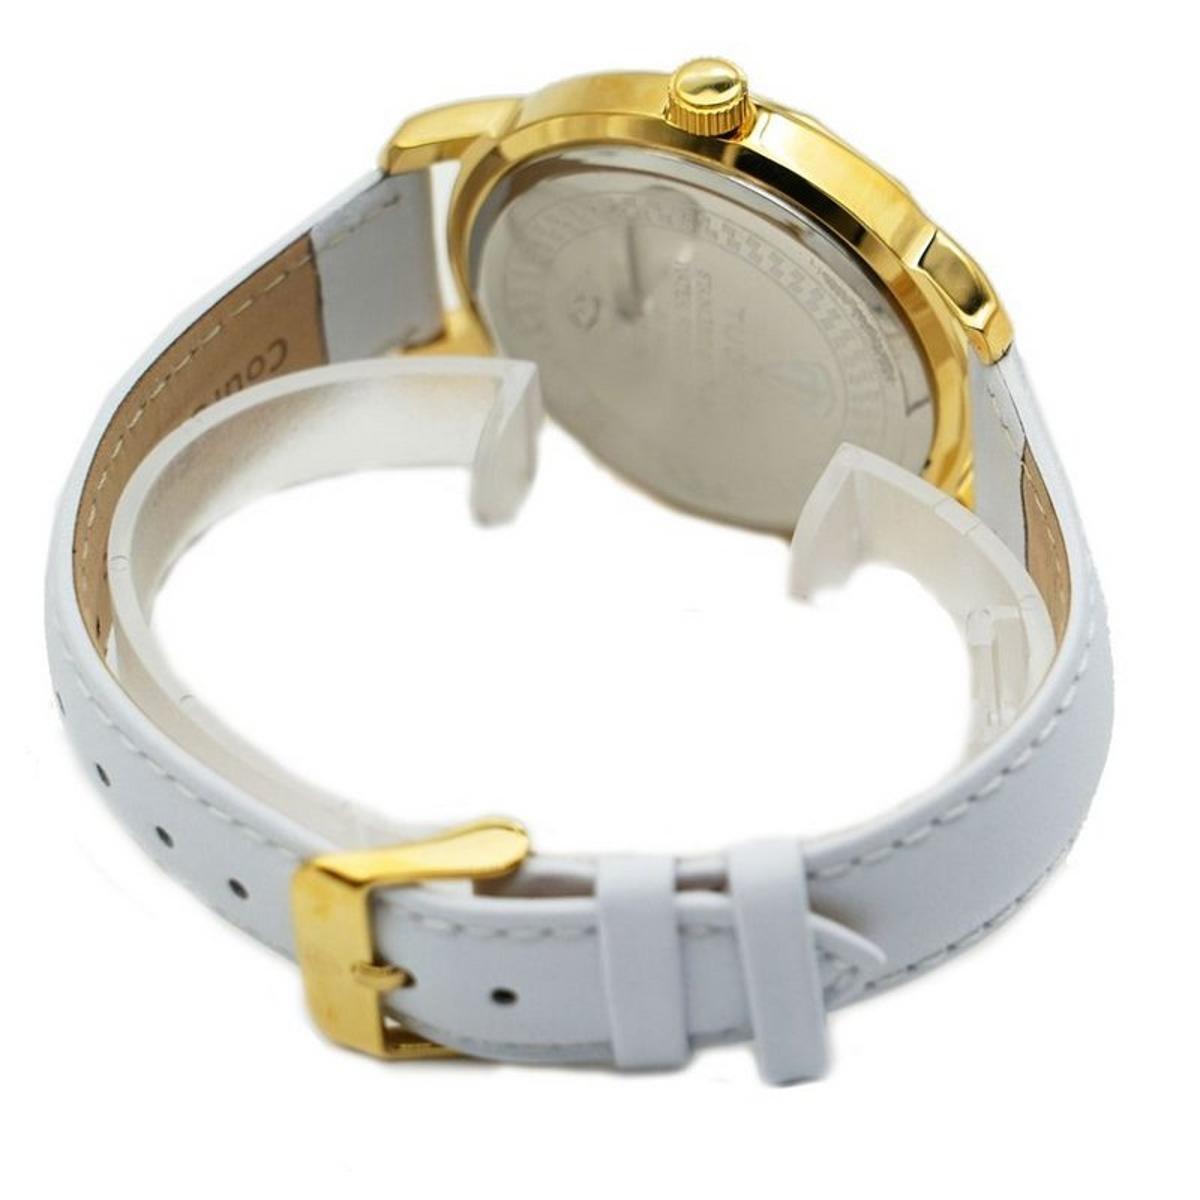 133e27a2283 Relógio Romaplac Tuguir Analógico Feminino - Dourado e Branco ...